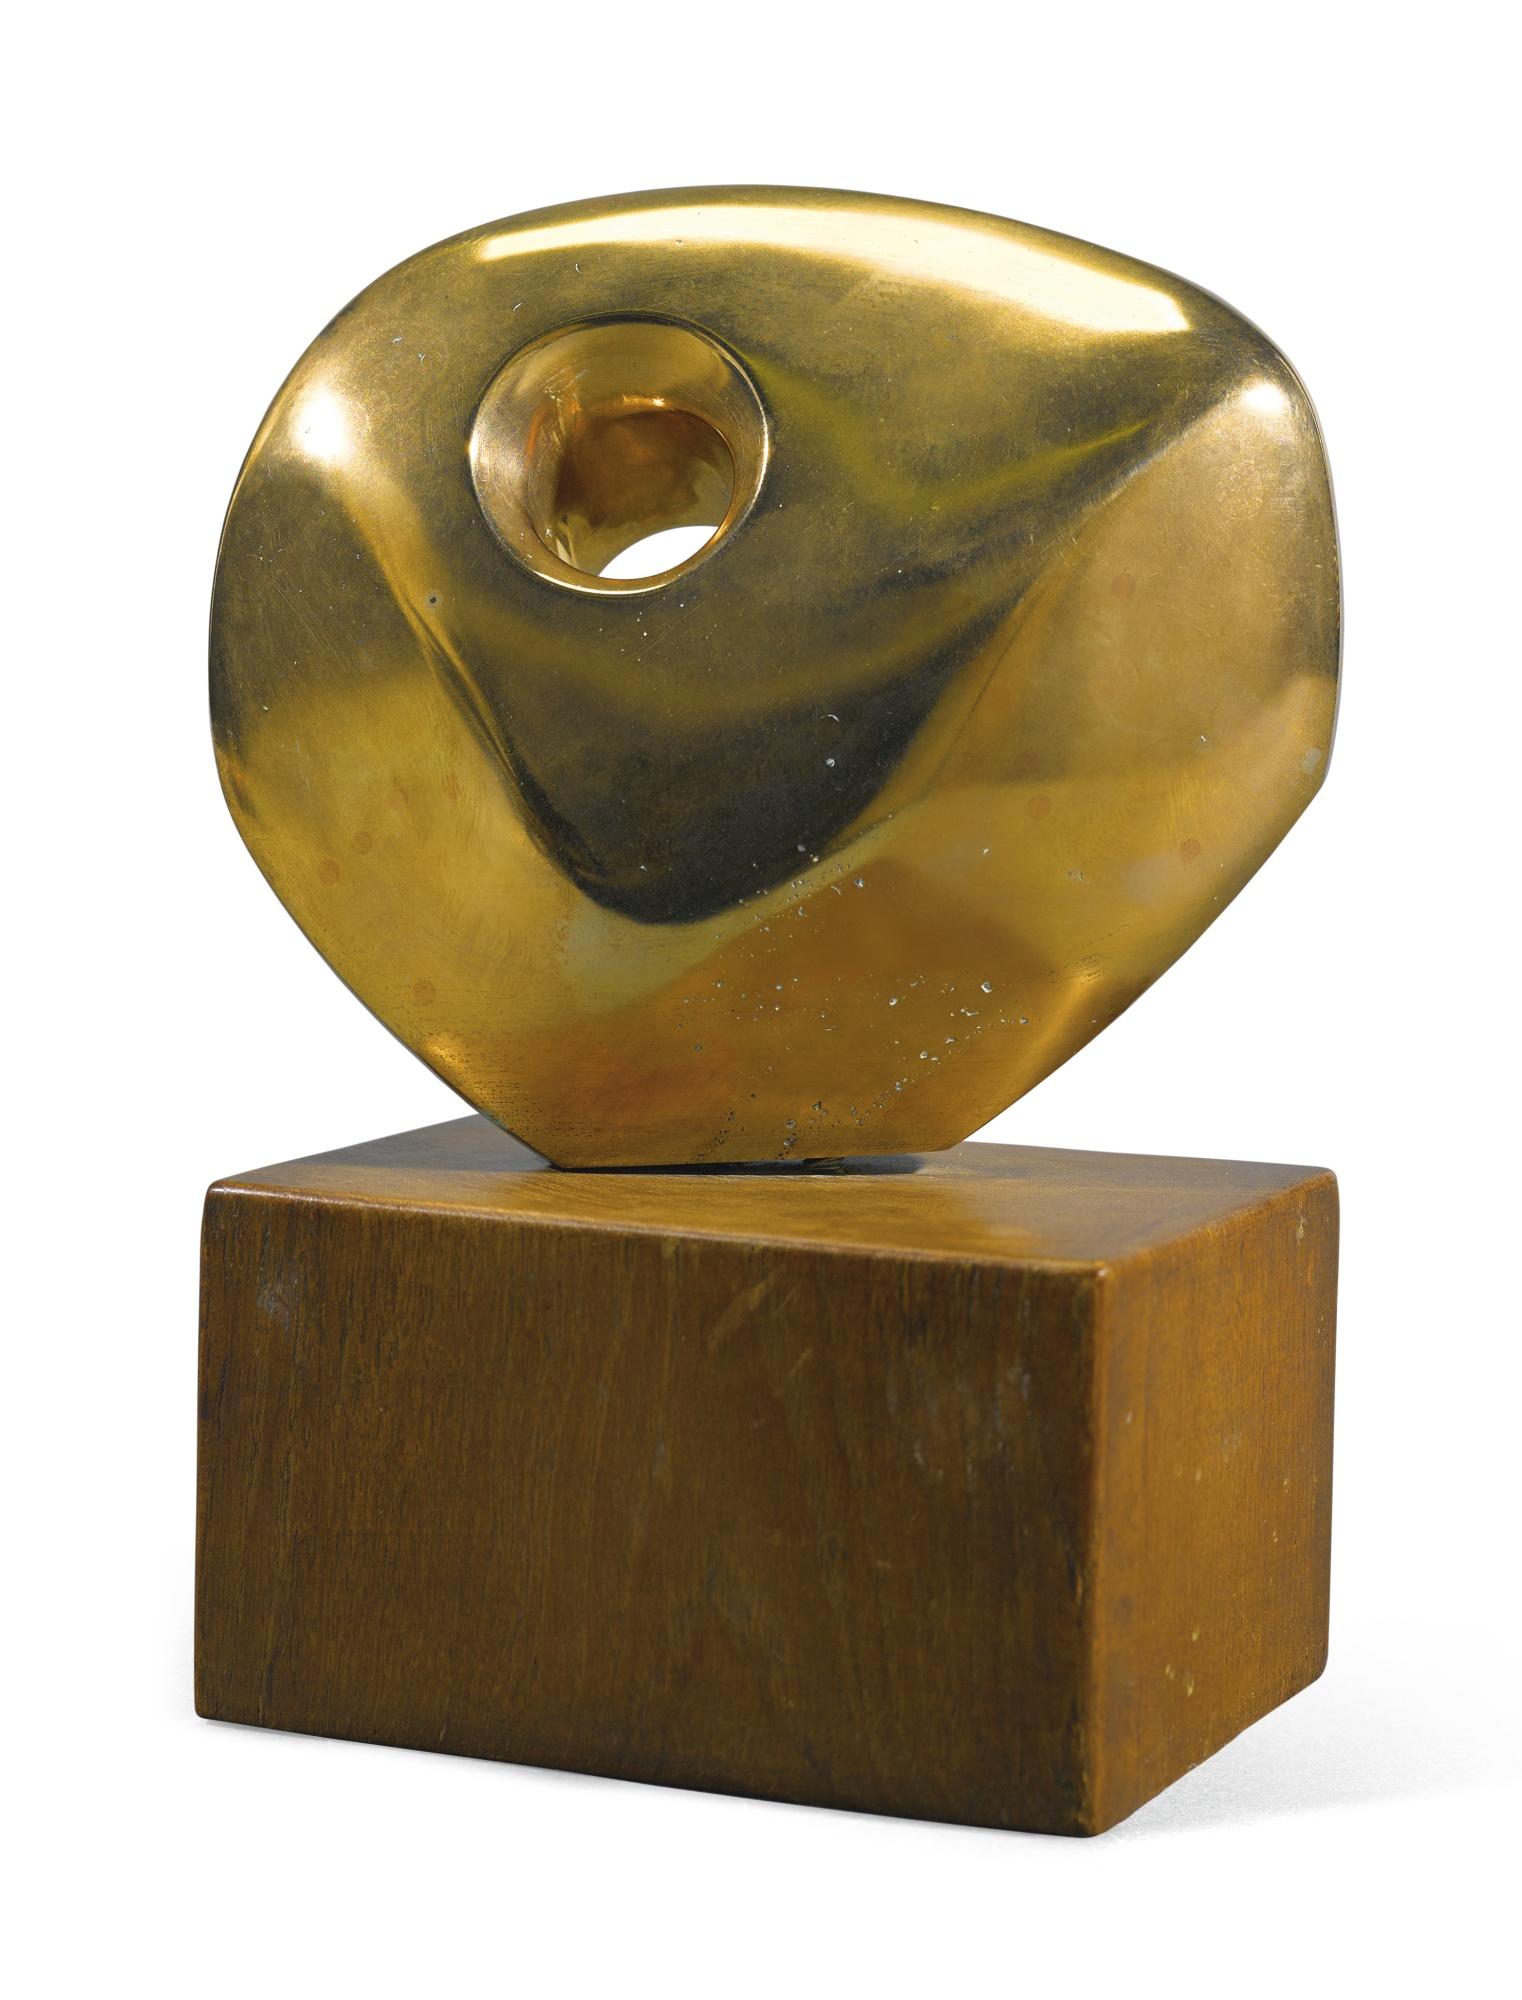 Barbara Hepworth-Pierced Round Form-1961